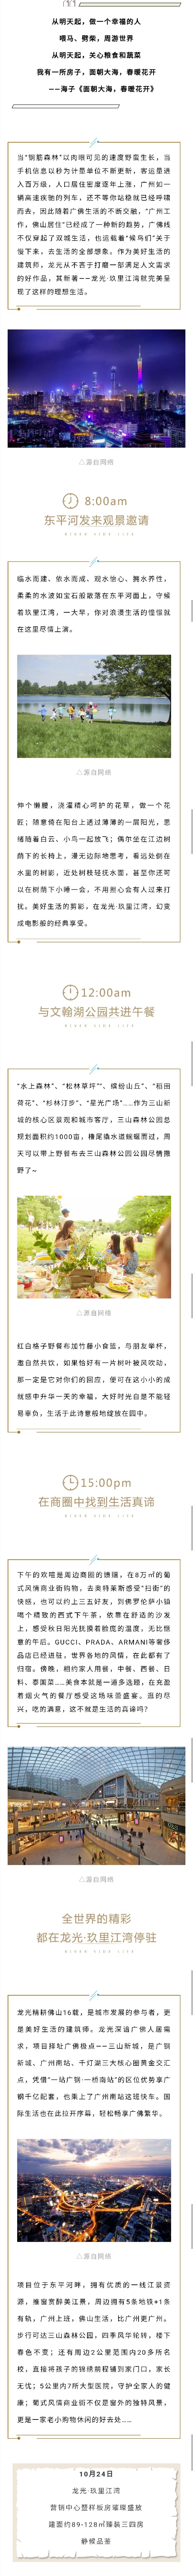 探秘江湾生活 一步双城生活指南